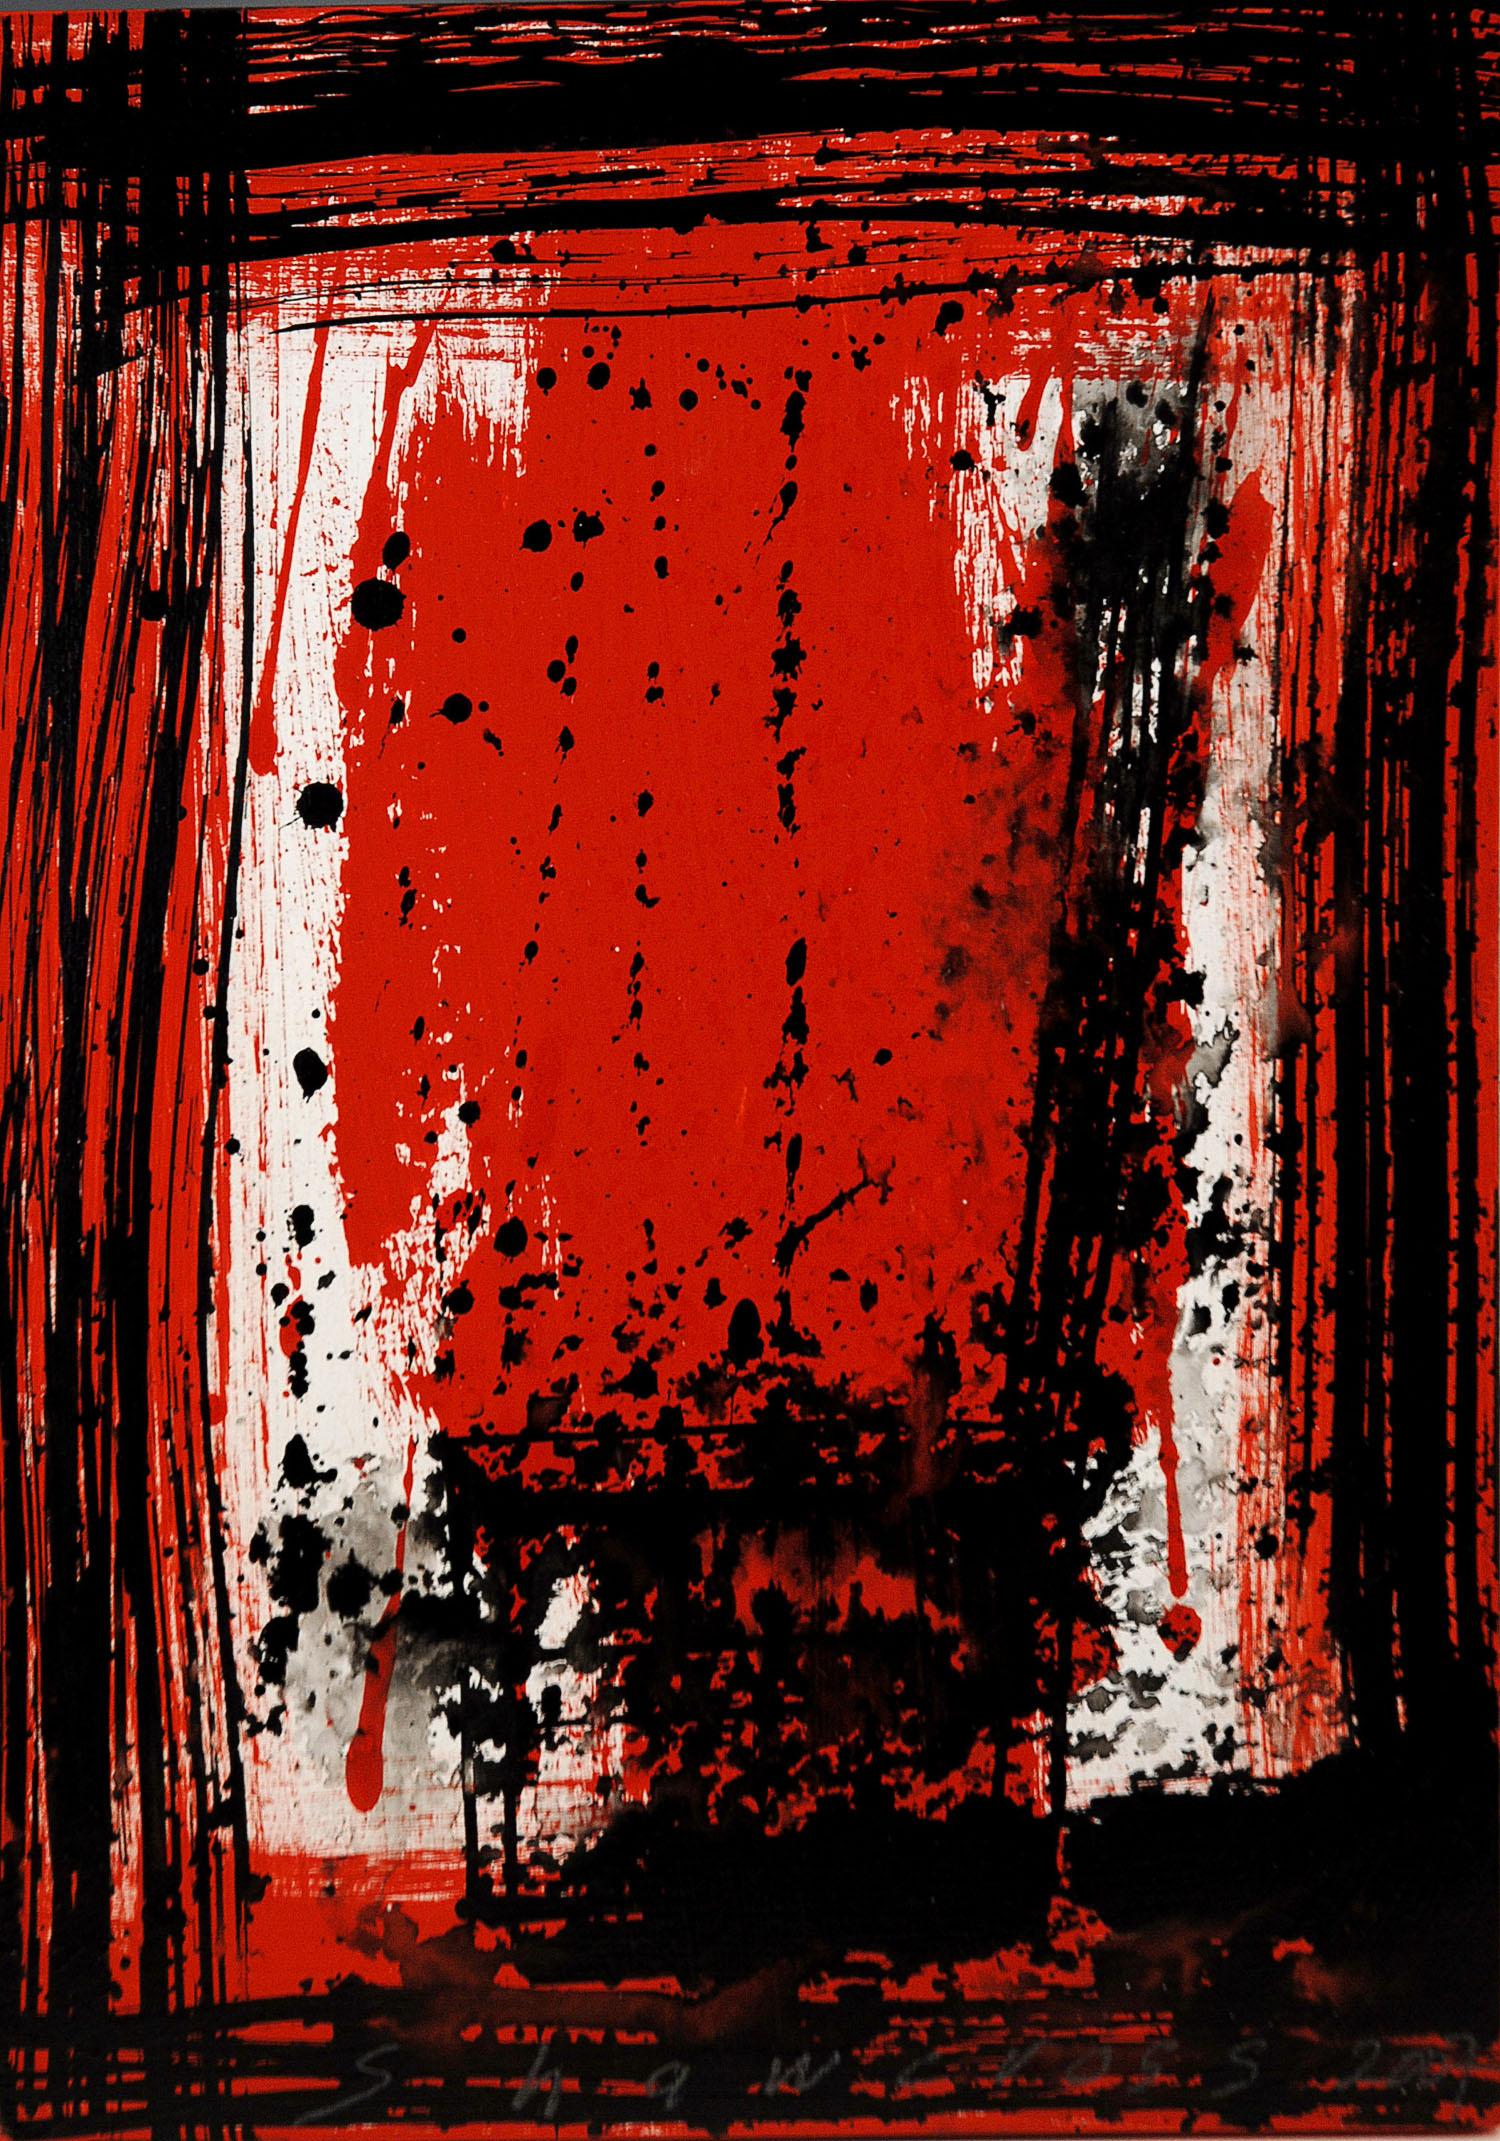 Neil Shawcross_-_# 9_26 x 19cm, board.jpg